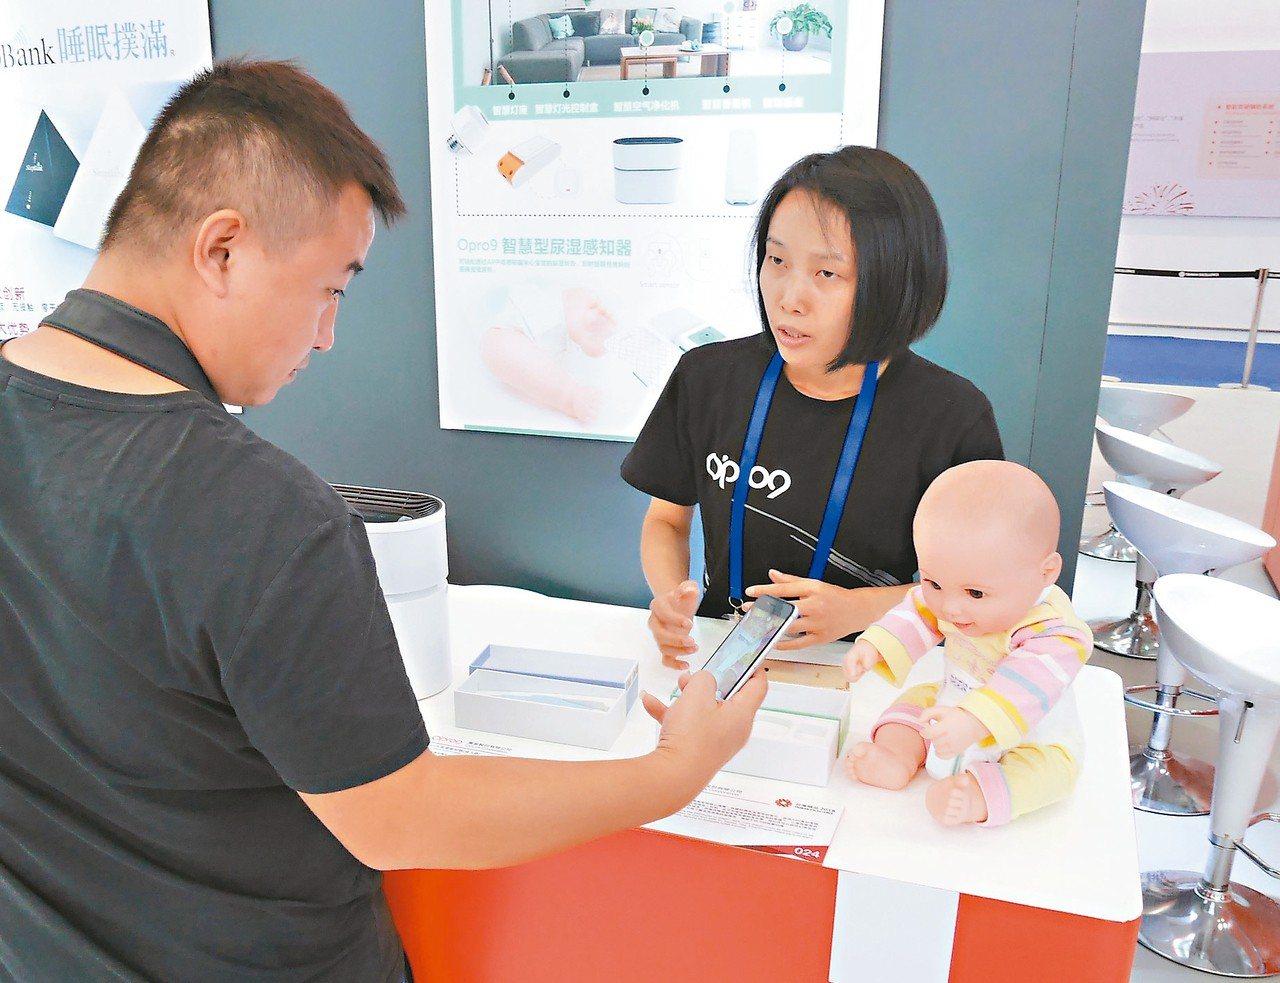 逾70件台灣科技「潮品」亮相高交會,工作人員向觀眾介紹「尿溼感知器」。 新華社